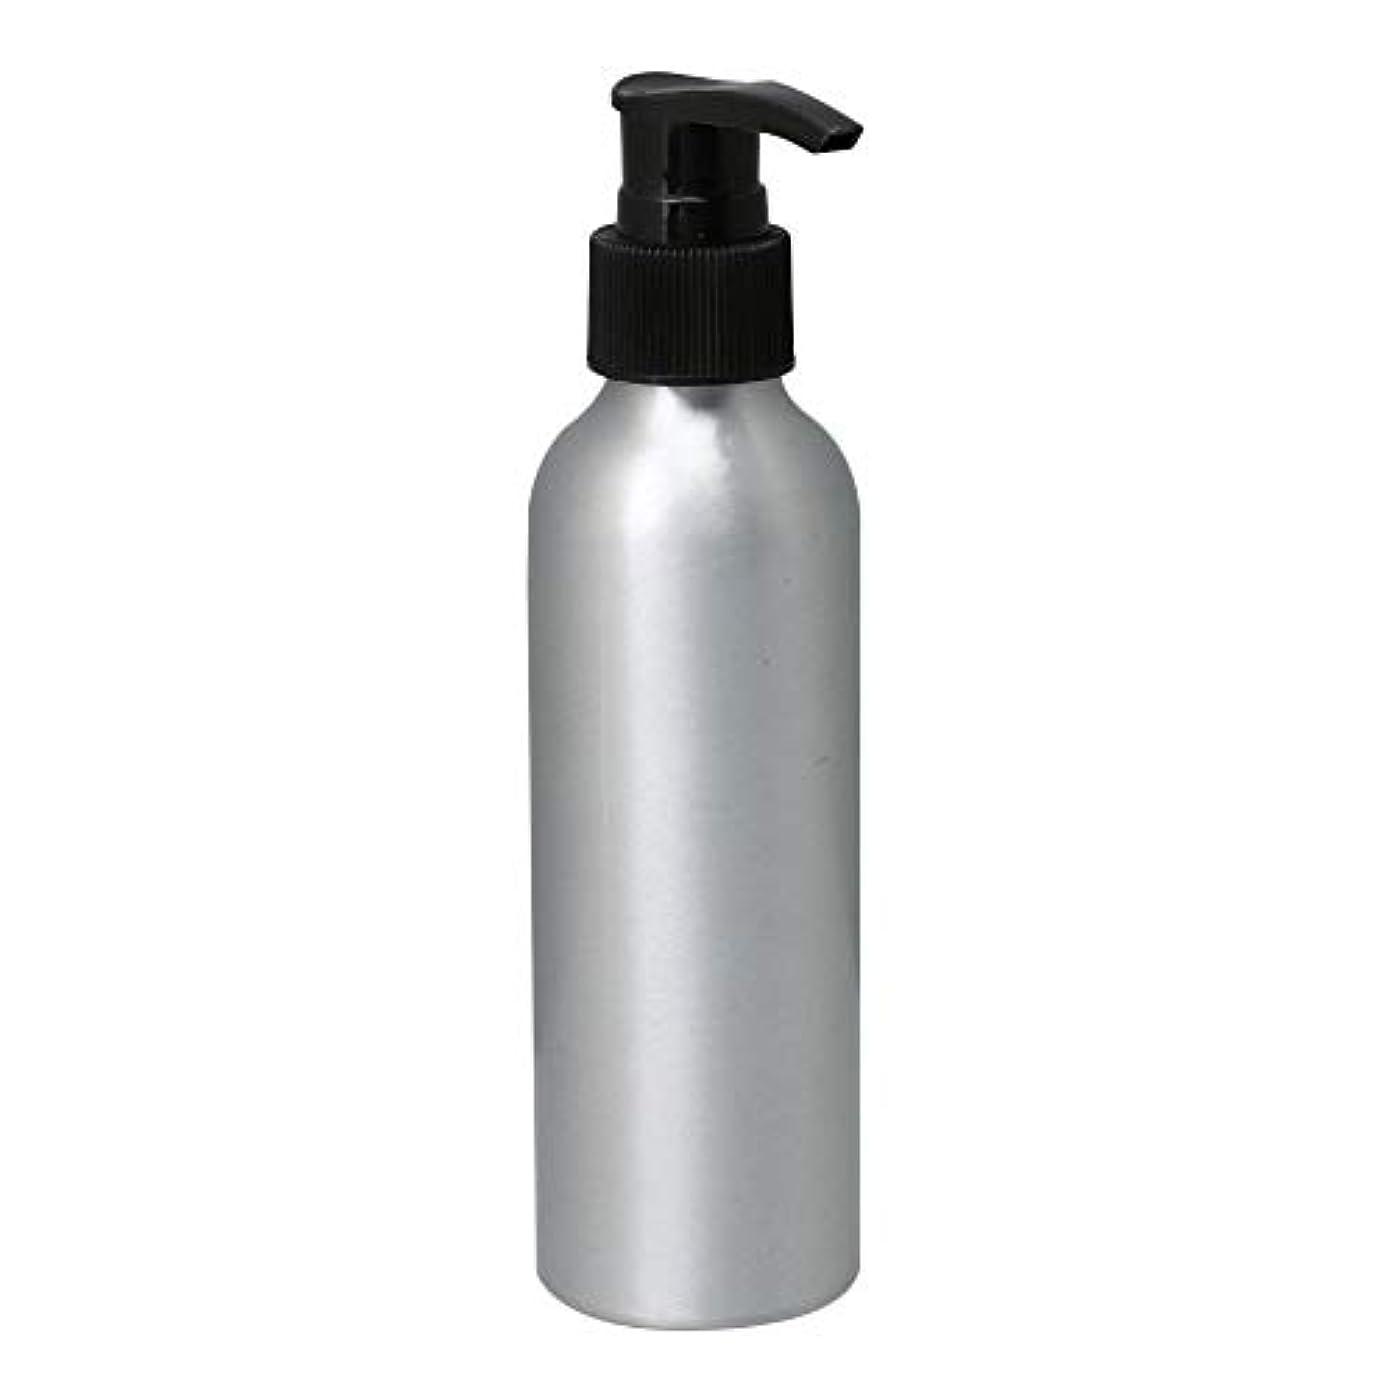 宿命時間オプションポンプボトル 150ml コスメ用詰替え容器 詰め替え用ボトル アルミボトル 繰り返し使用 噴霧器 アルミボトル 黒ポンプヘッド